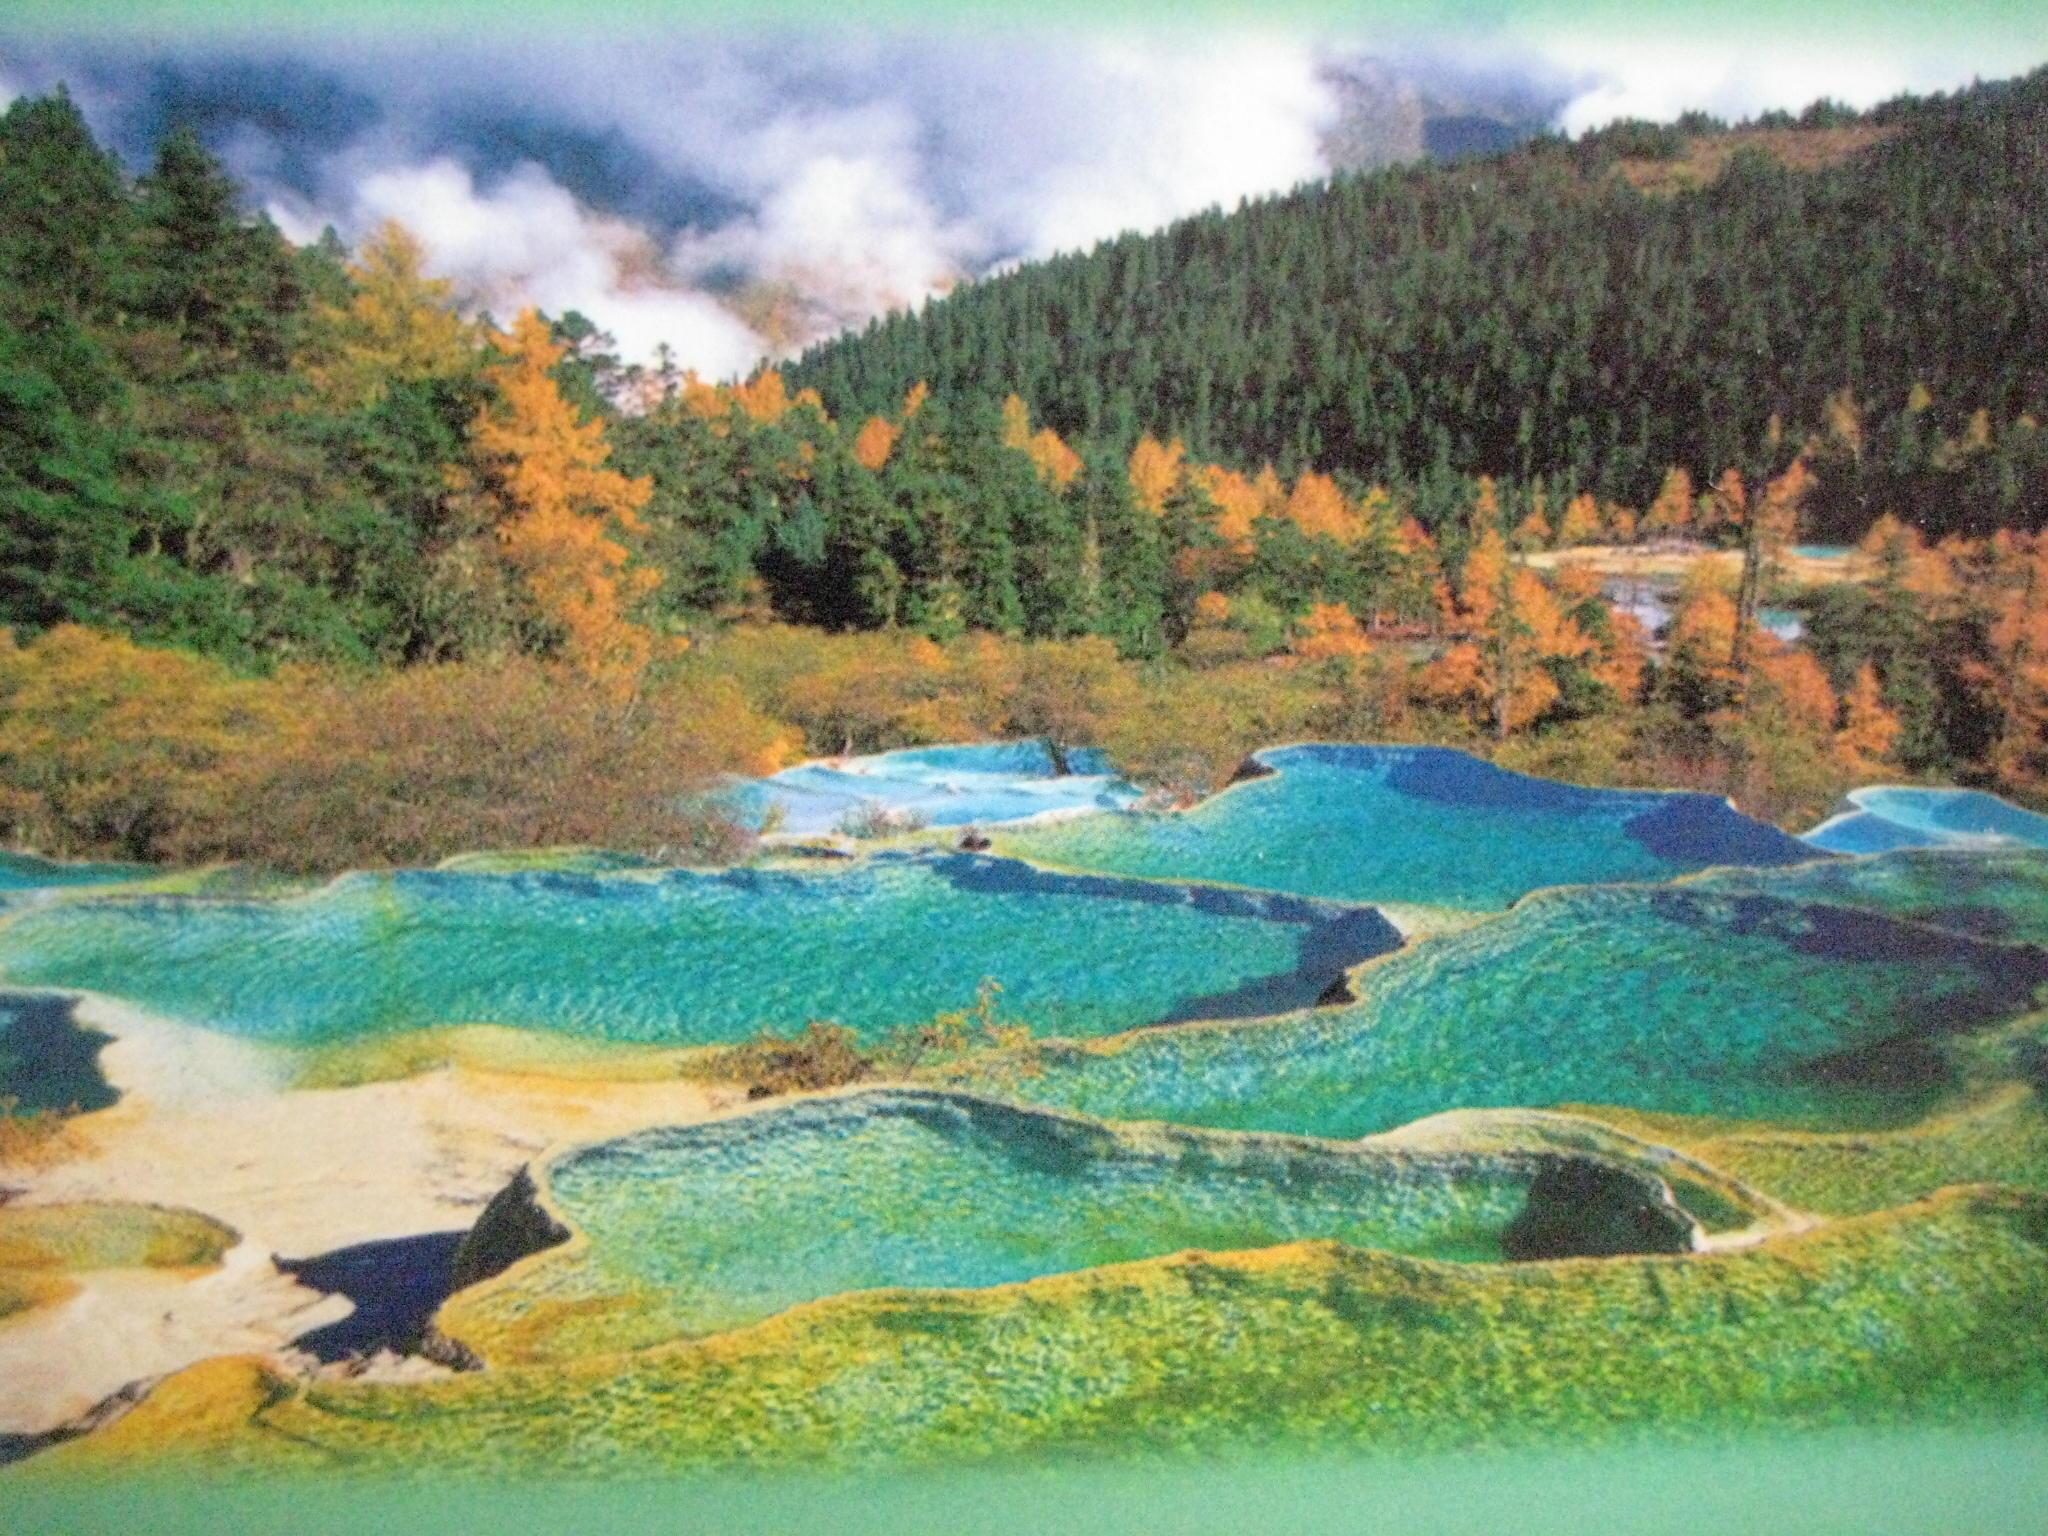 UNESCO: Huanglong Biosphere Reserve